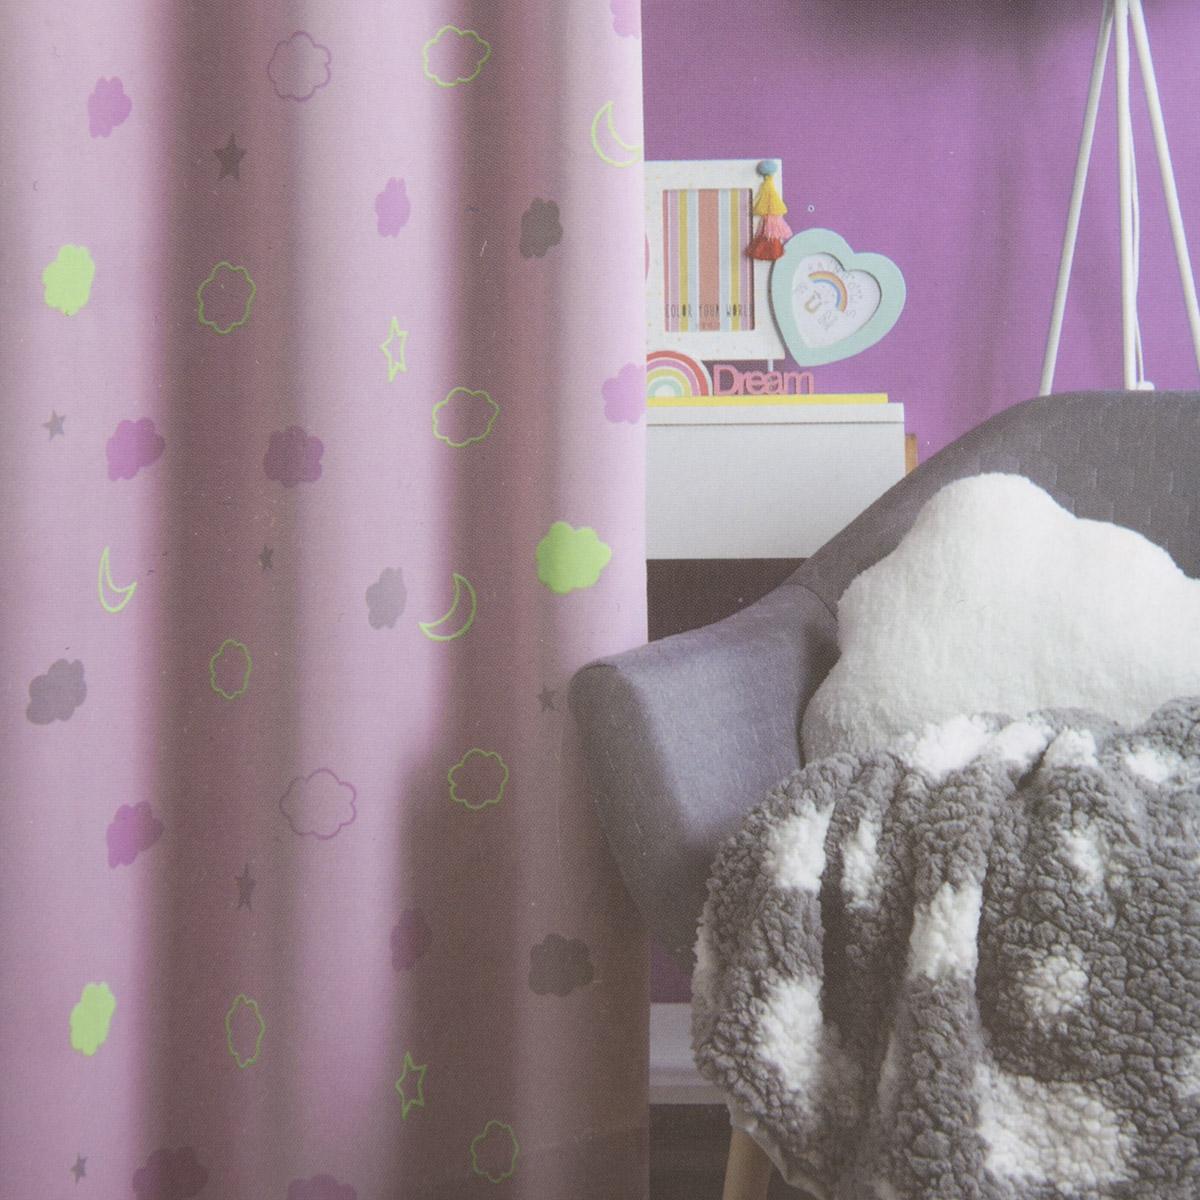 Full Size of Gardine Kinderzimmer Verdunklungsgardine Mit Senaufhngung Gardinen Küche Wohnzimmer Regal Weiß Für Die Schlafzimmer Scheibengardinen Regale Sofa Fenster Kinderzimmer Gardine Kinderzimmer